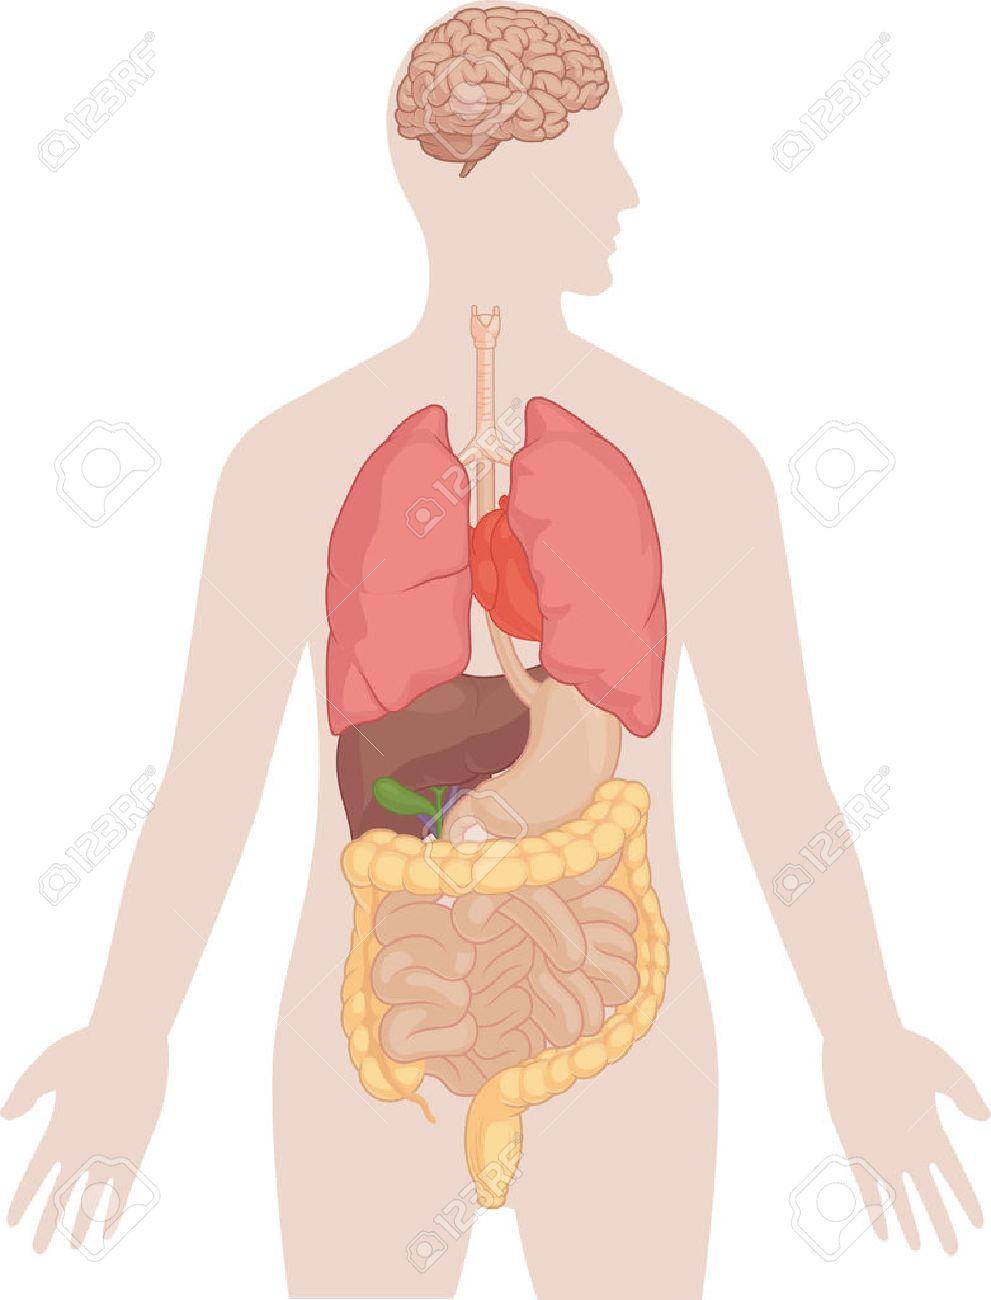 Anatomía Del Cuerpo Humano - Cerebro, Pulmones, Corazón, Hígado ...